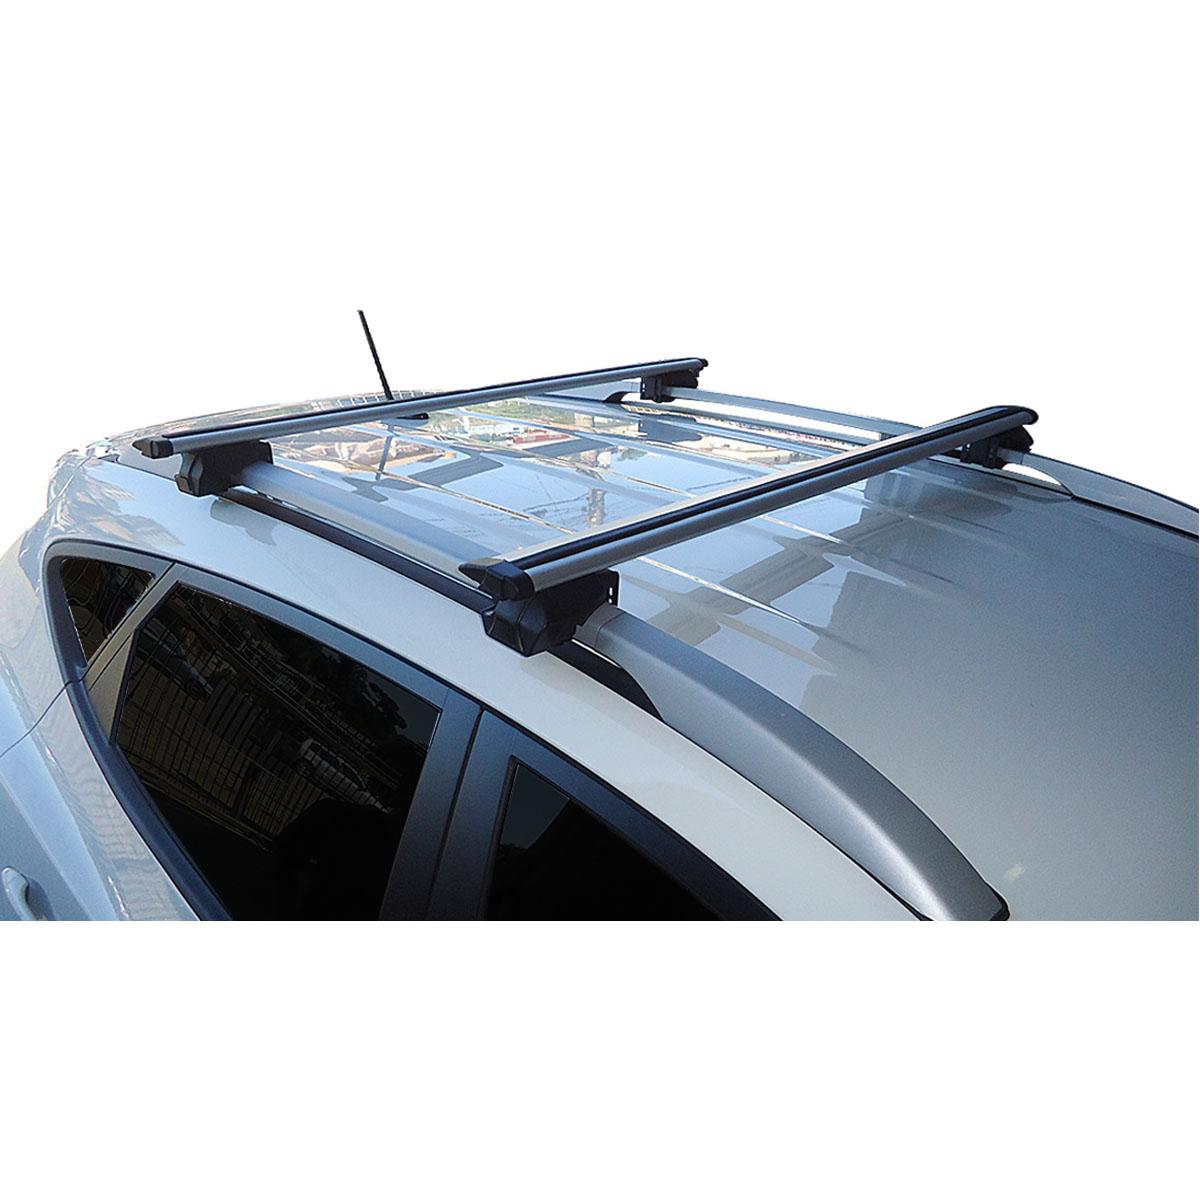 Travessa rack de teto Procargo RAV4 2013 a 2016 com trava de segurança